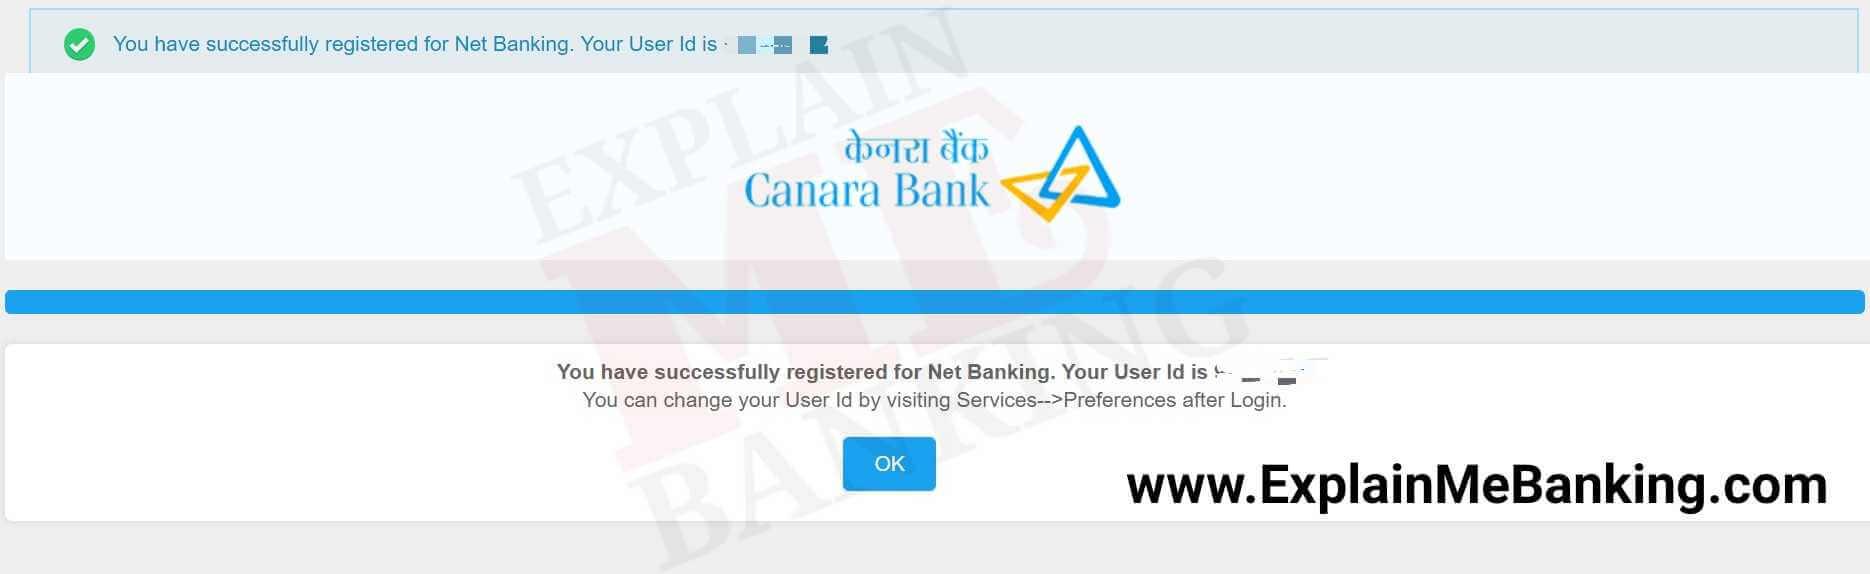 Canara Bank User ID